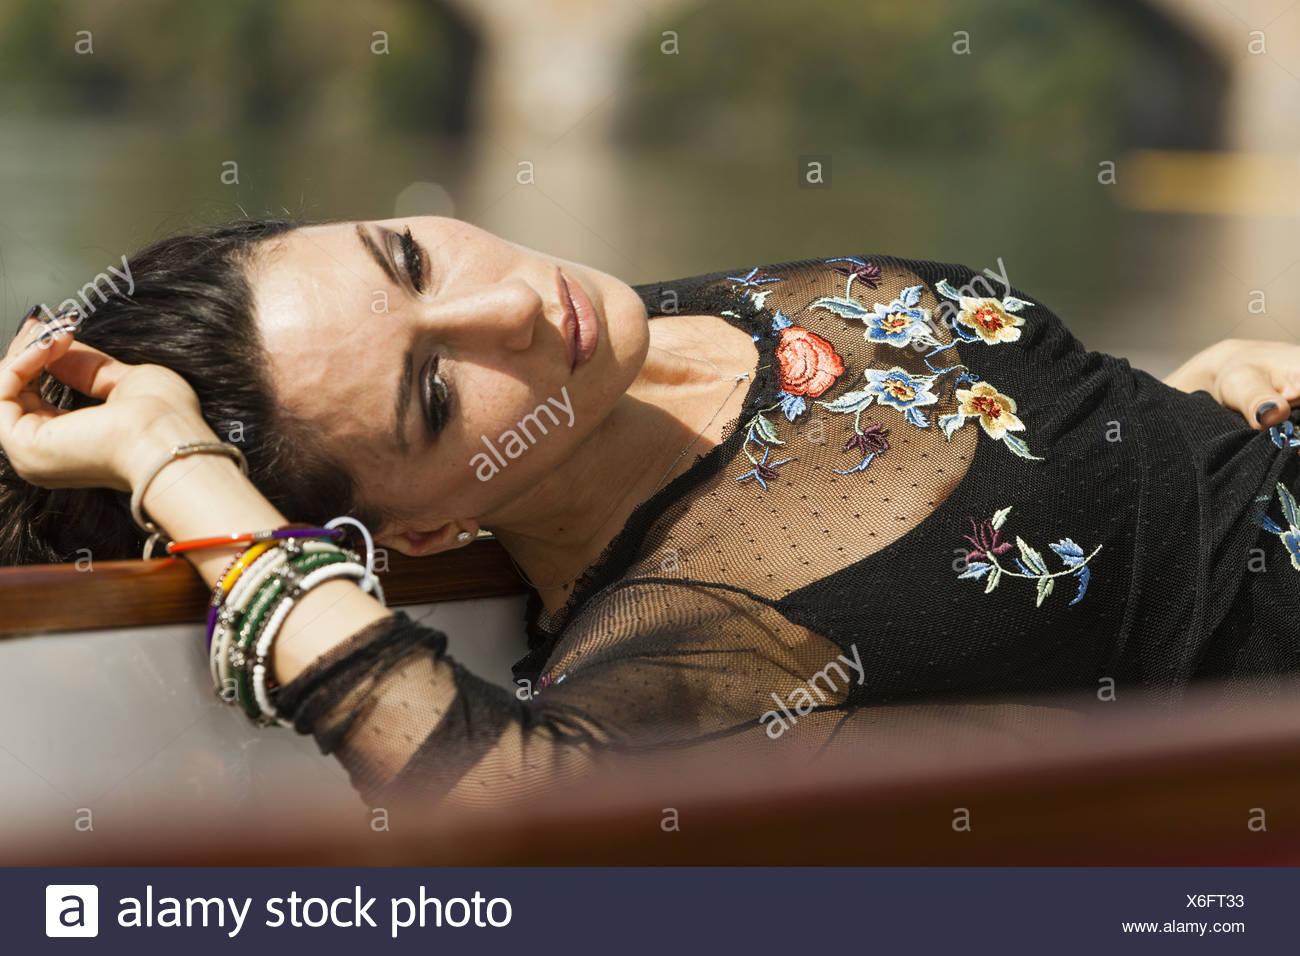 Una donna sdraiata sulla schiena, indossando un top nero con maniche a strapiombo e braccialetti di ricamo sul suo braccio Pennsylvania USA Foto Stock